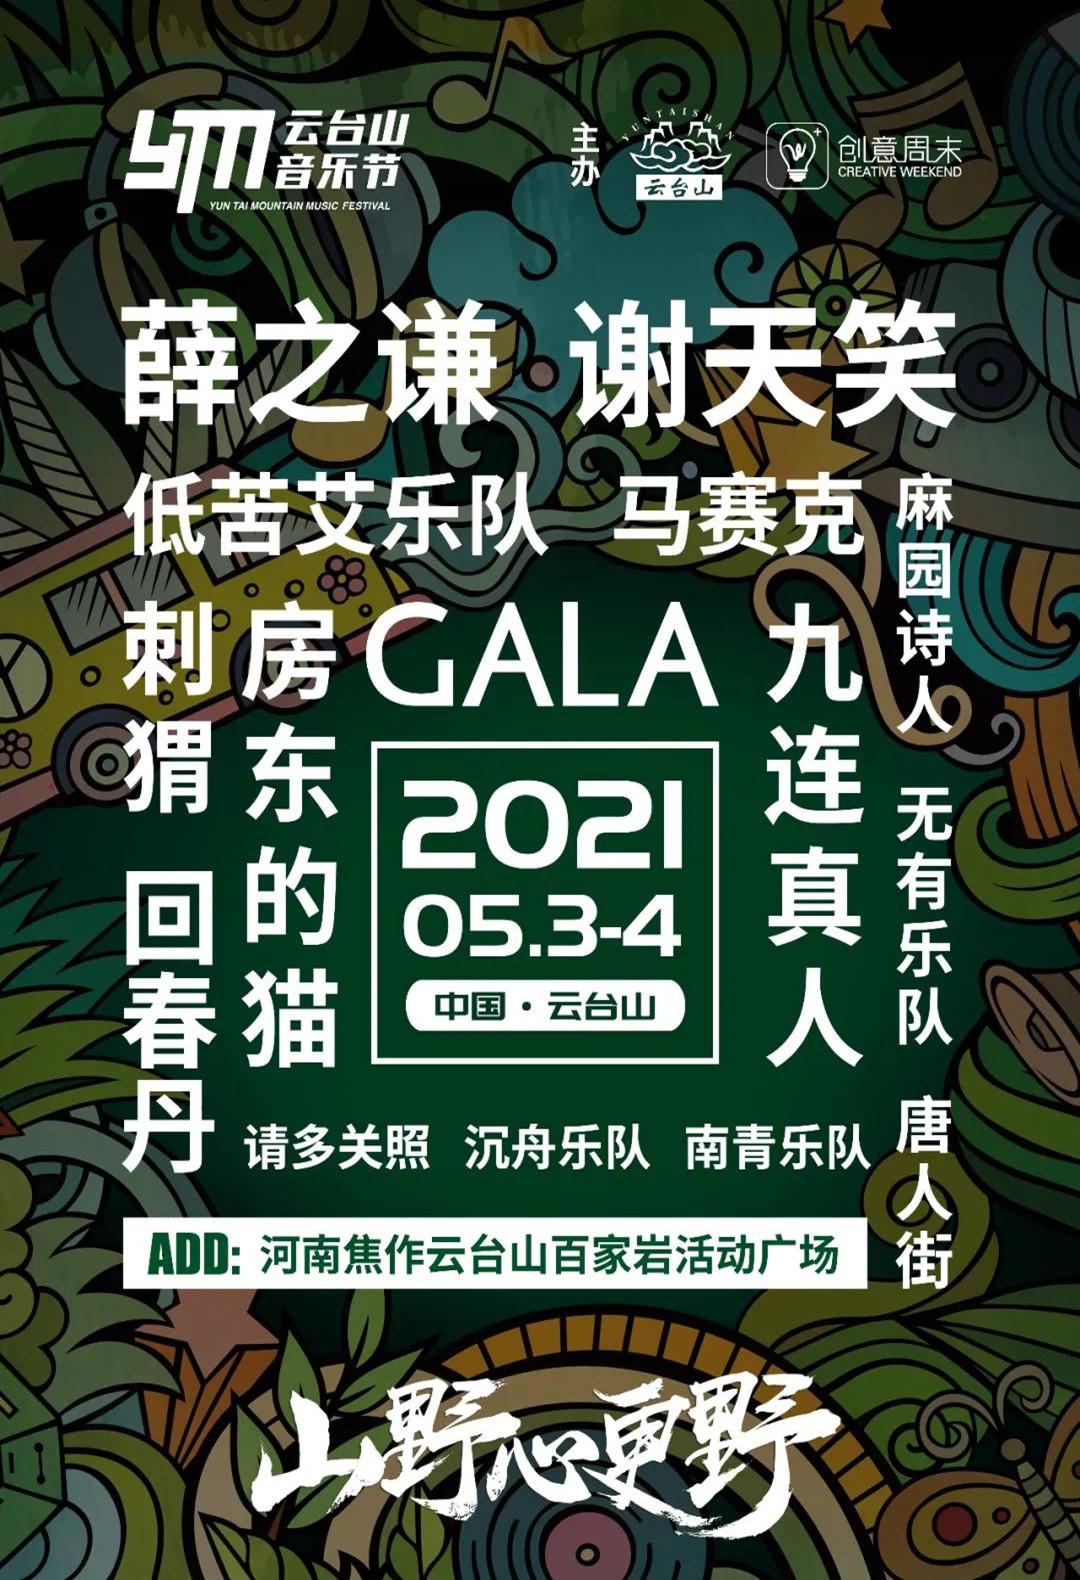 2021云台山音乐节几点开始?门票怎么买?